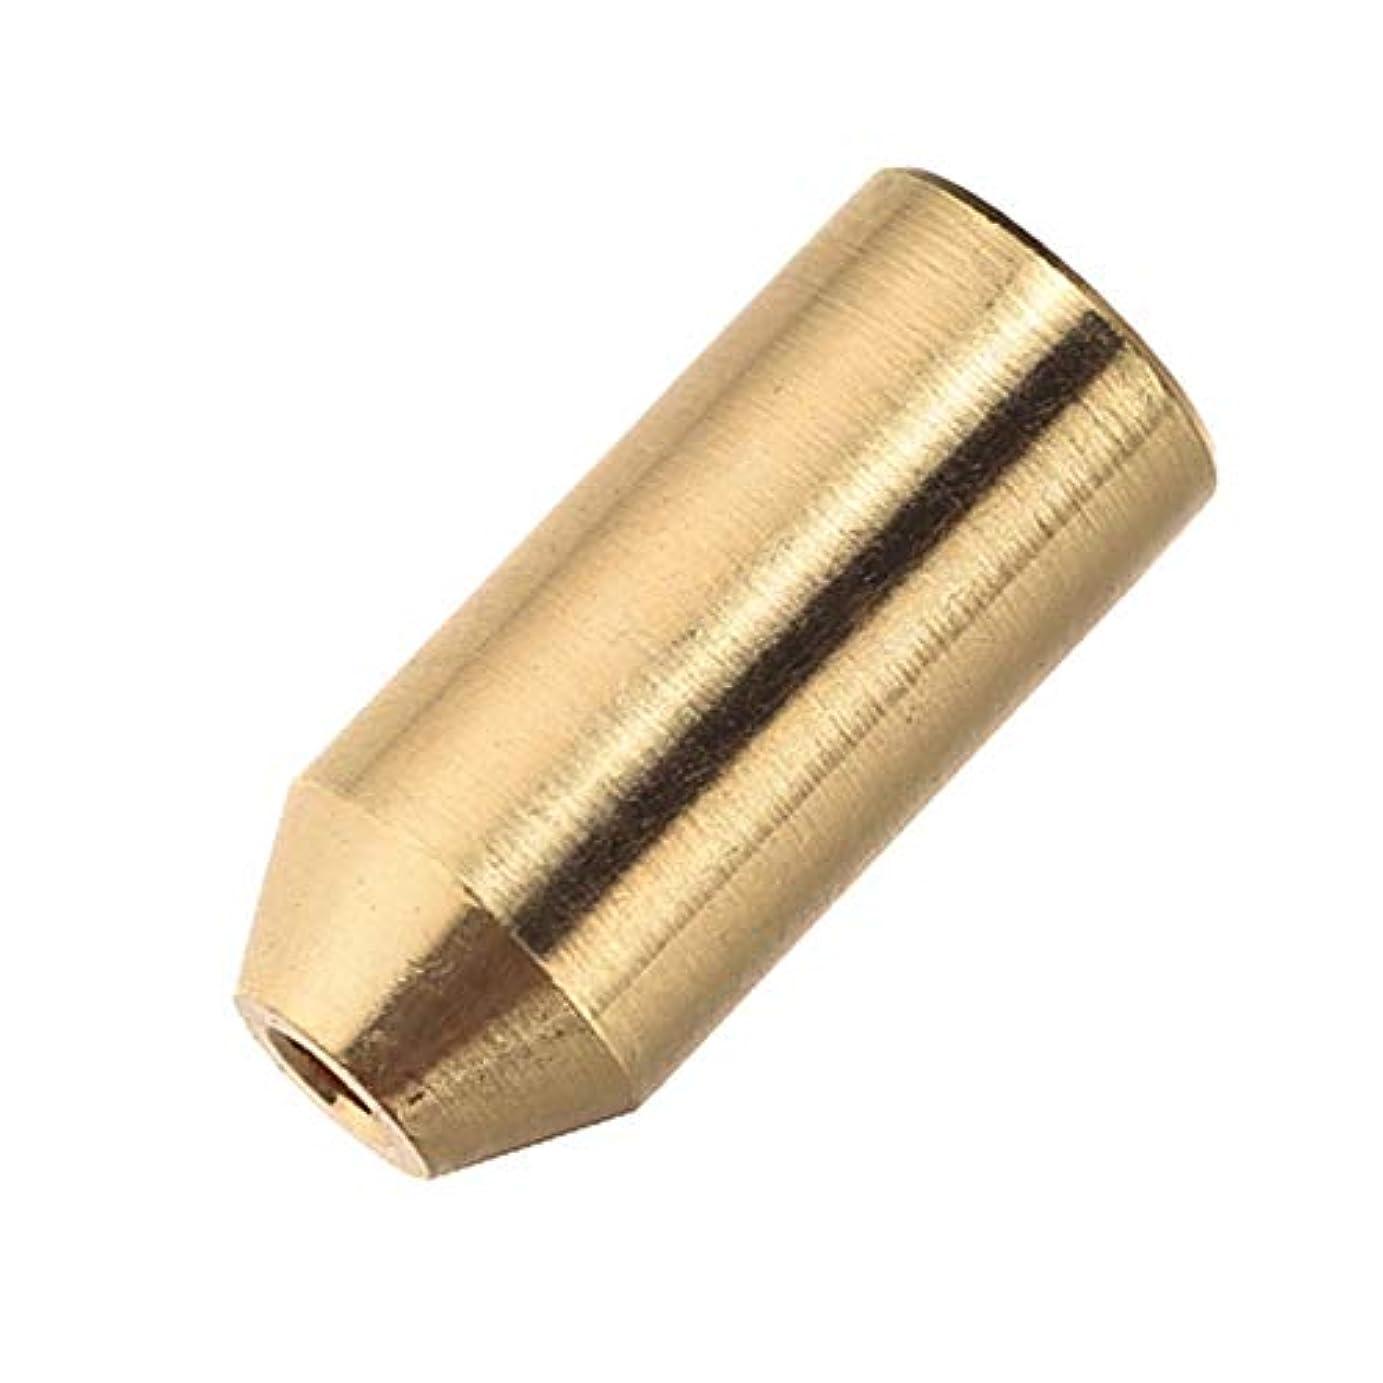 出身地シェル略すデュポン ライターガス 注入式 変換 アダプター 汎用 真鍮製